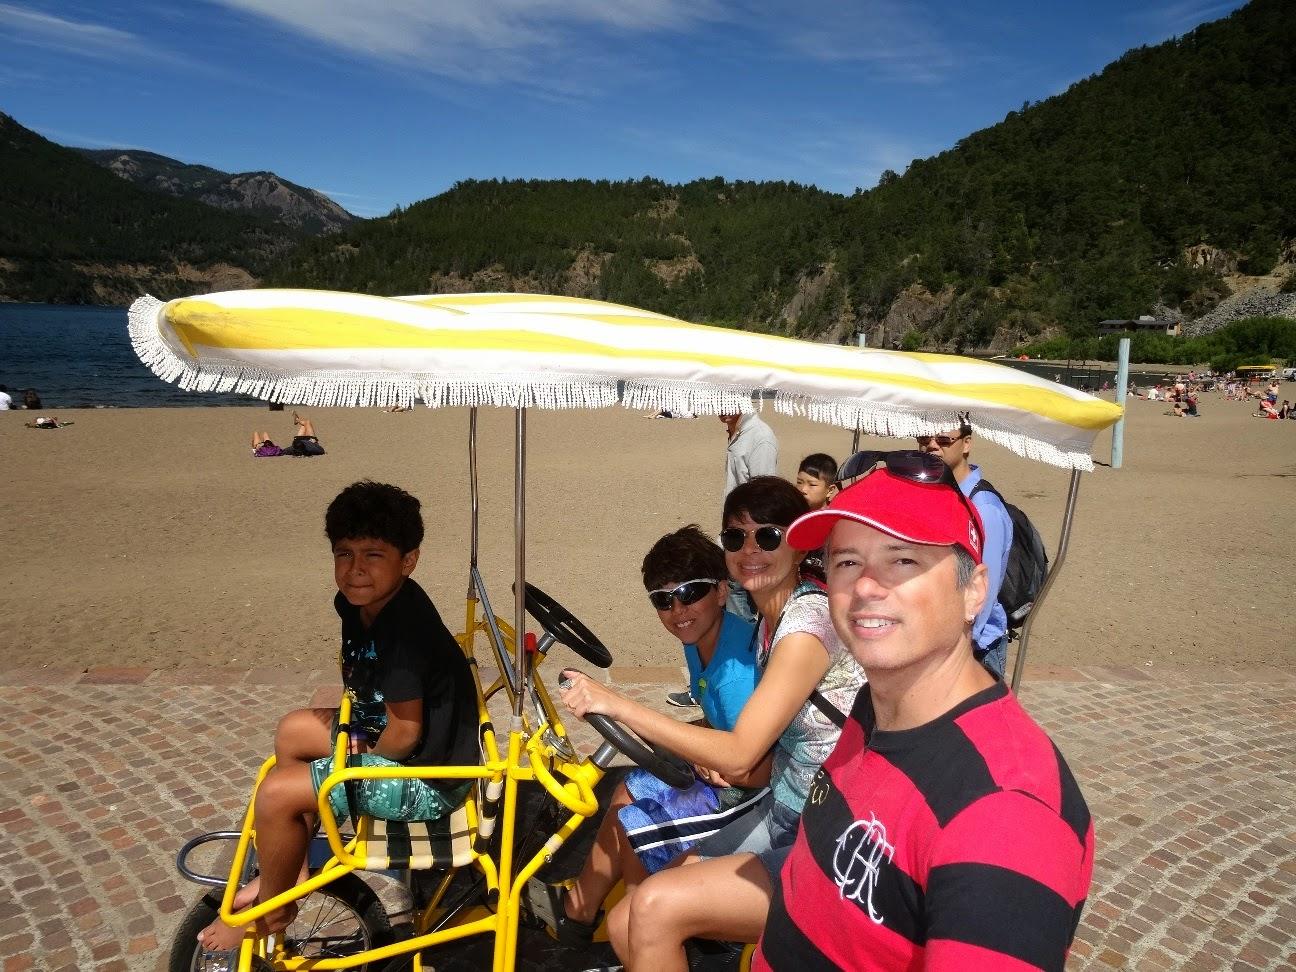 Família andando de bicicleta no calçadão em frente à praia